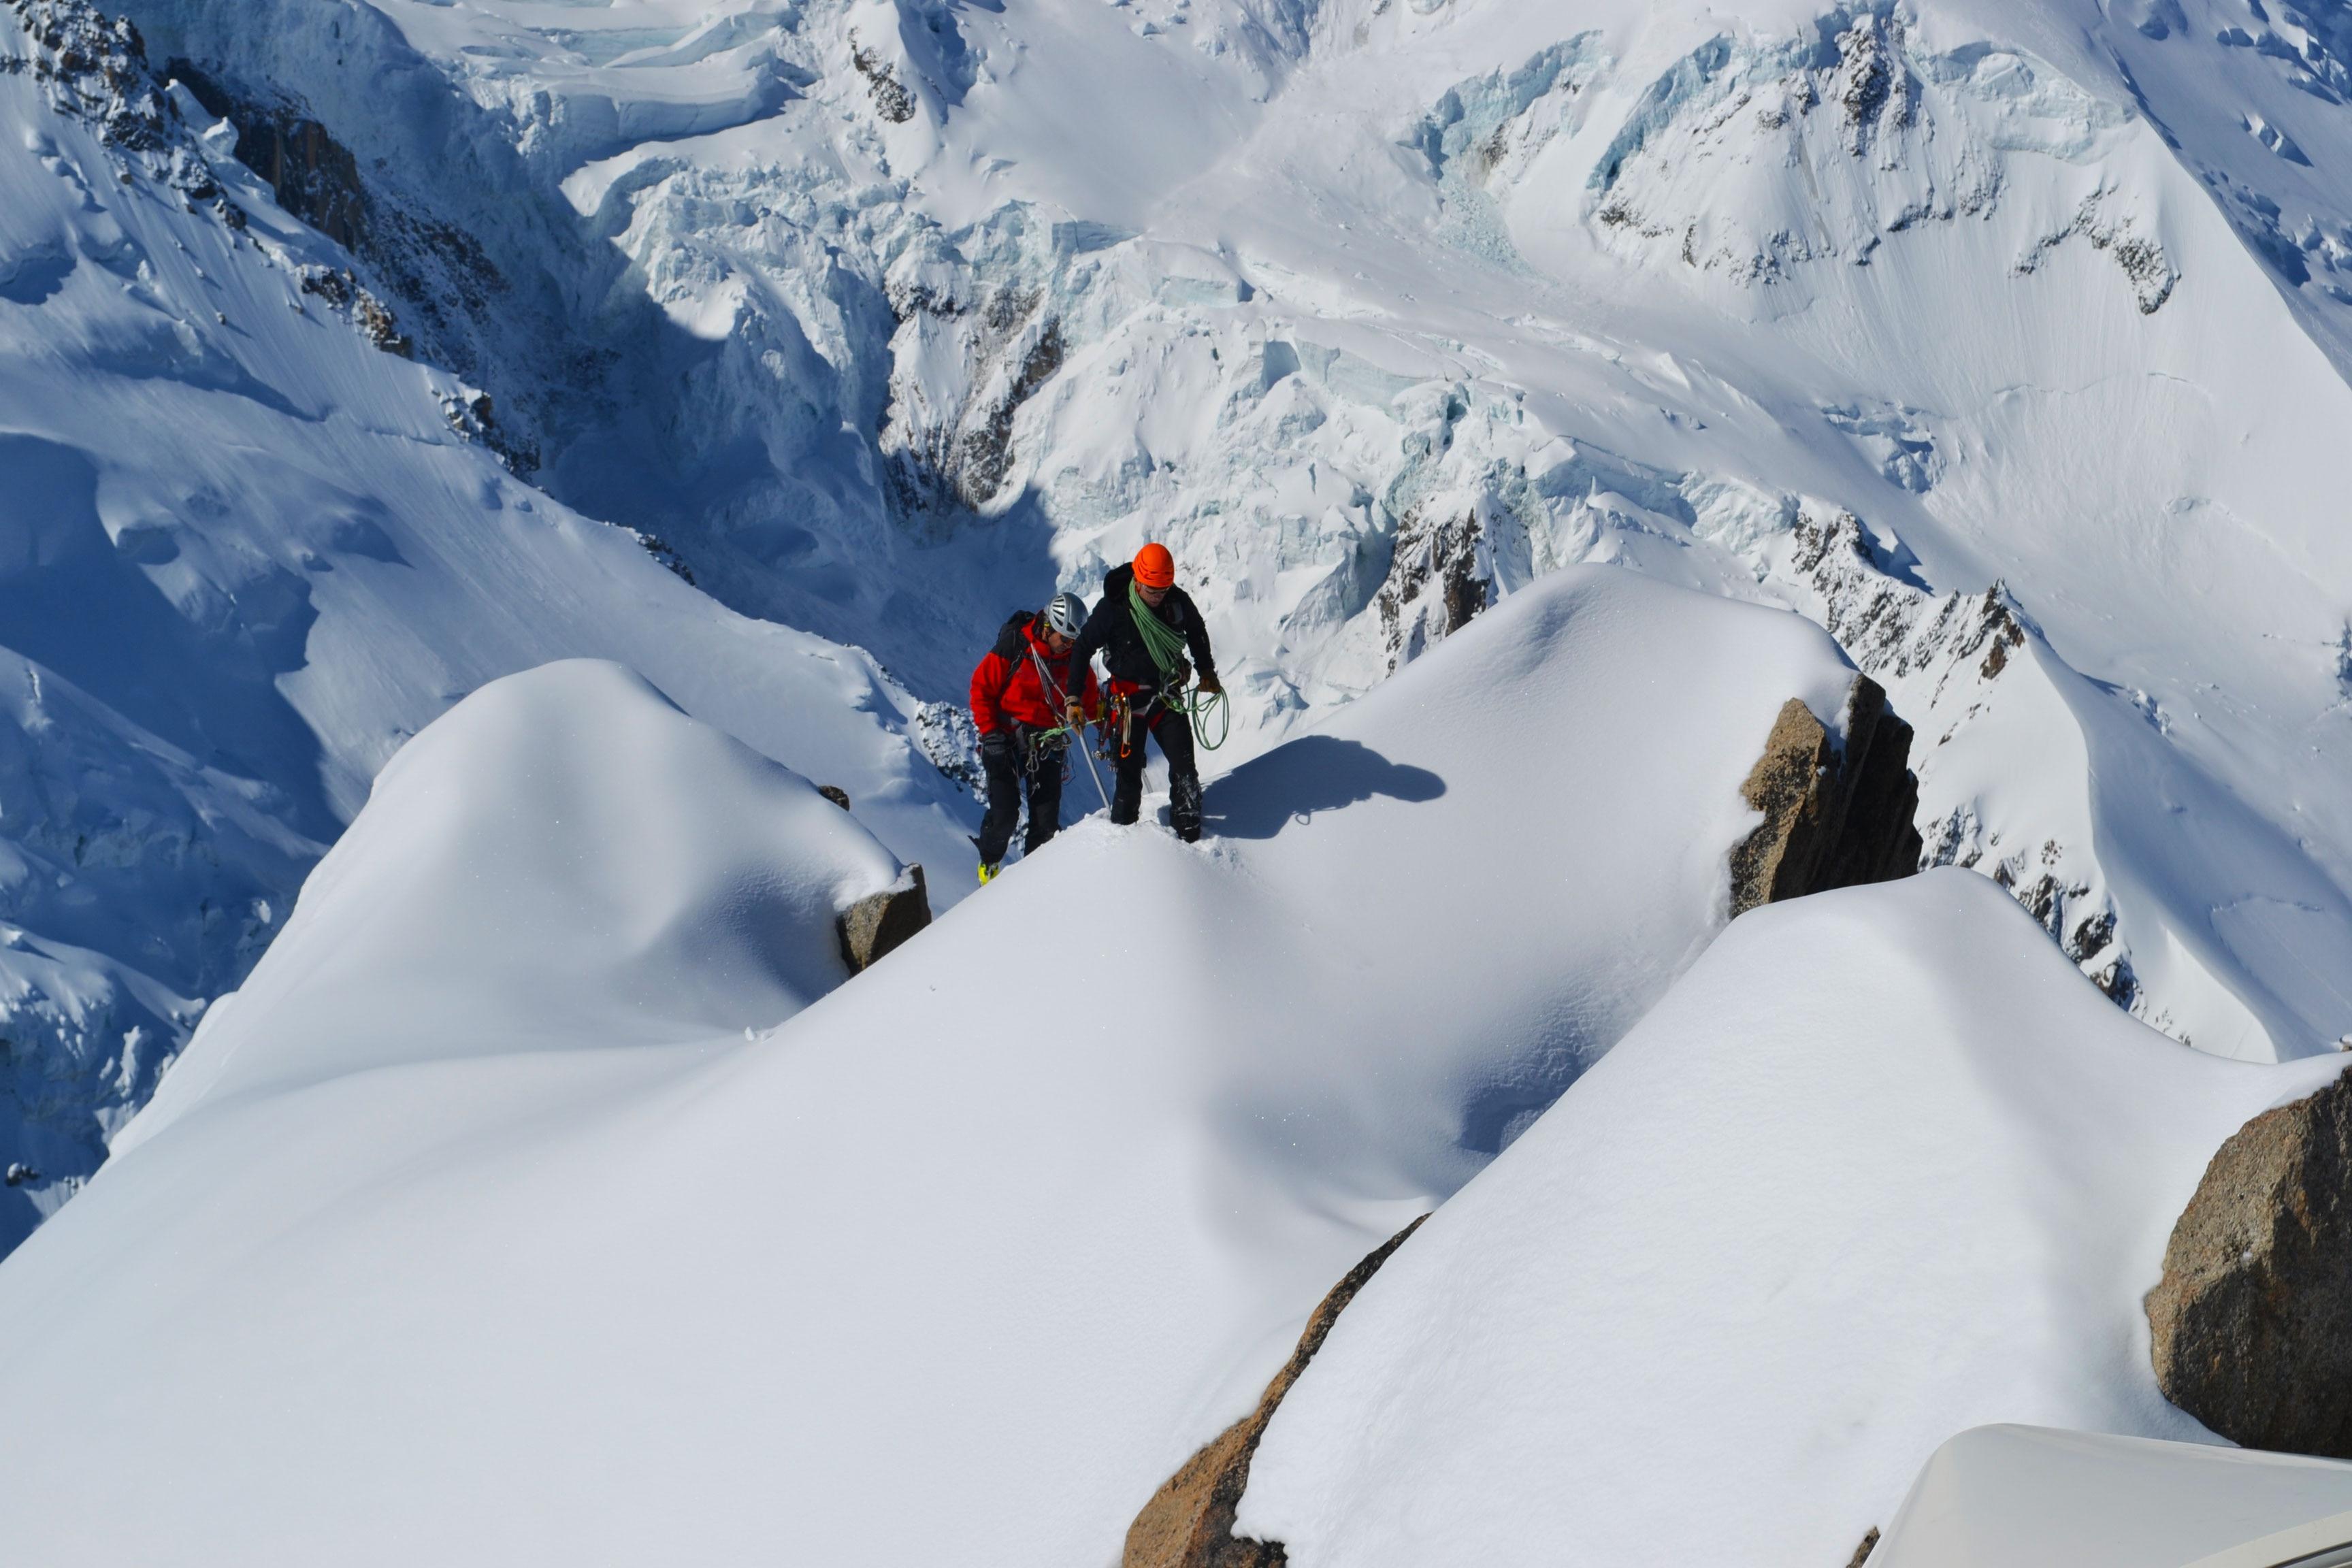 Klettersteig Chamonix : Chamonix auf der suche nach glück bergwelten